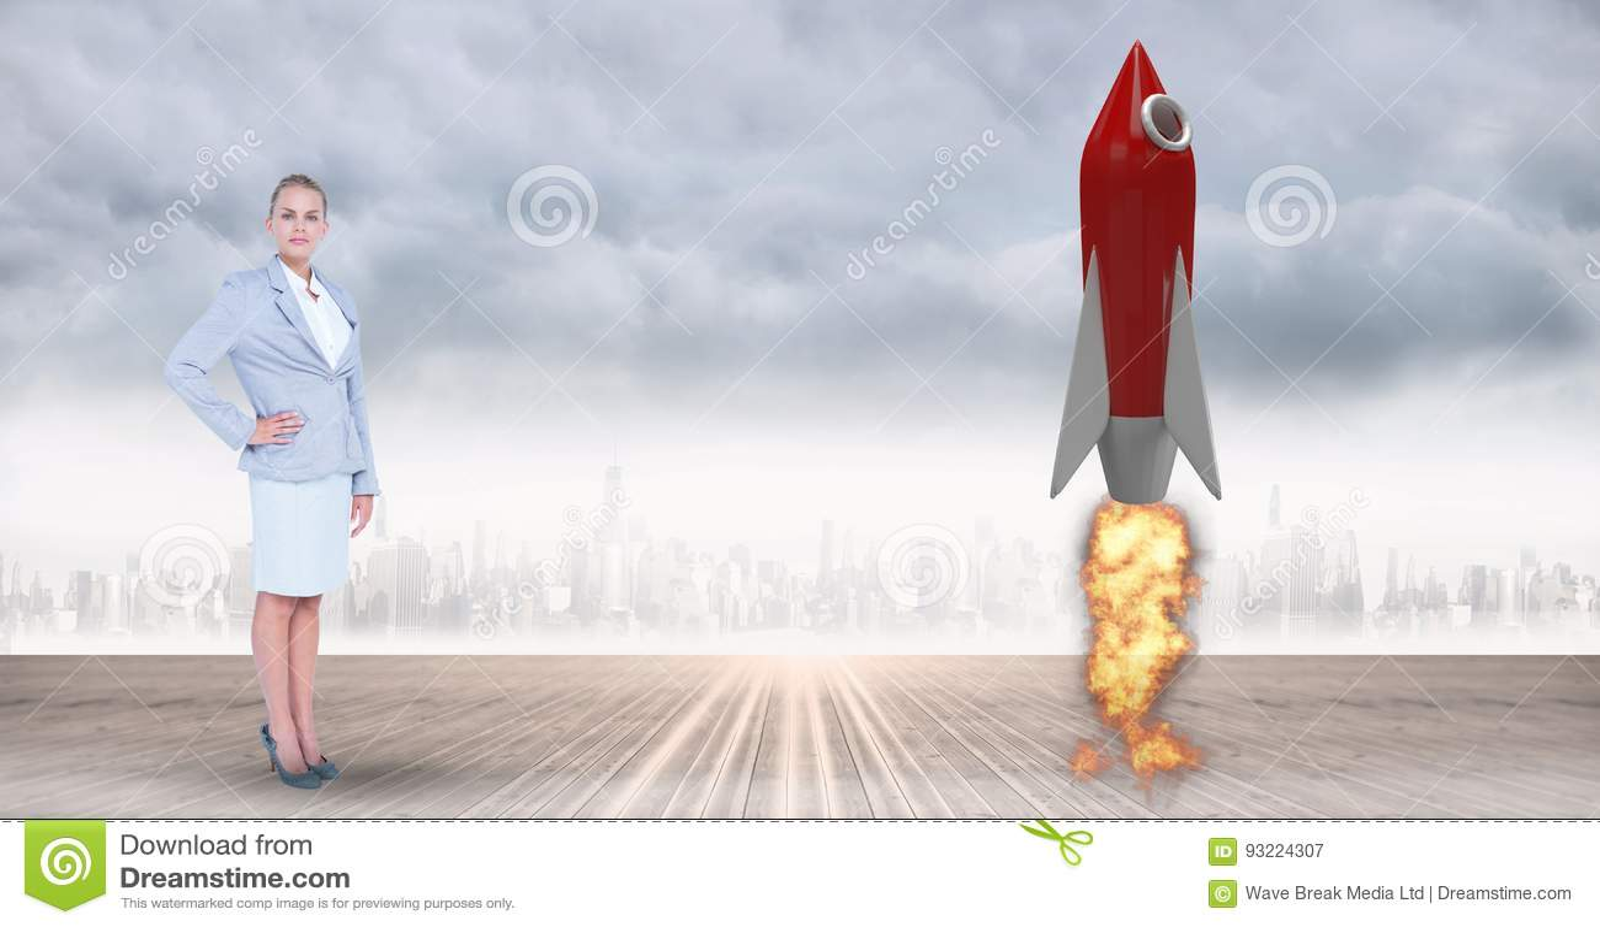 Zusammengesetztes Bild Digital des bereitstehenden Raketenstarts der Geschäftsfrau gegen Stadt